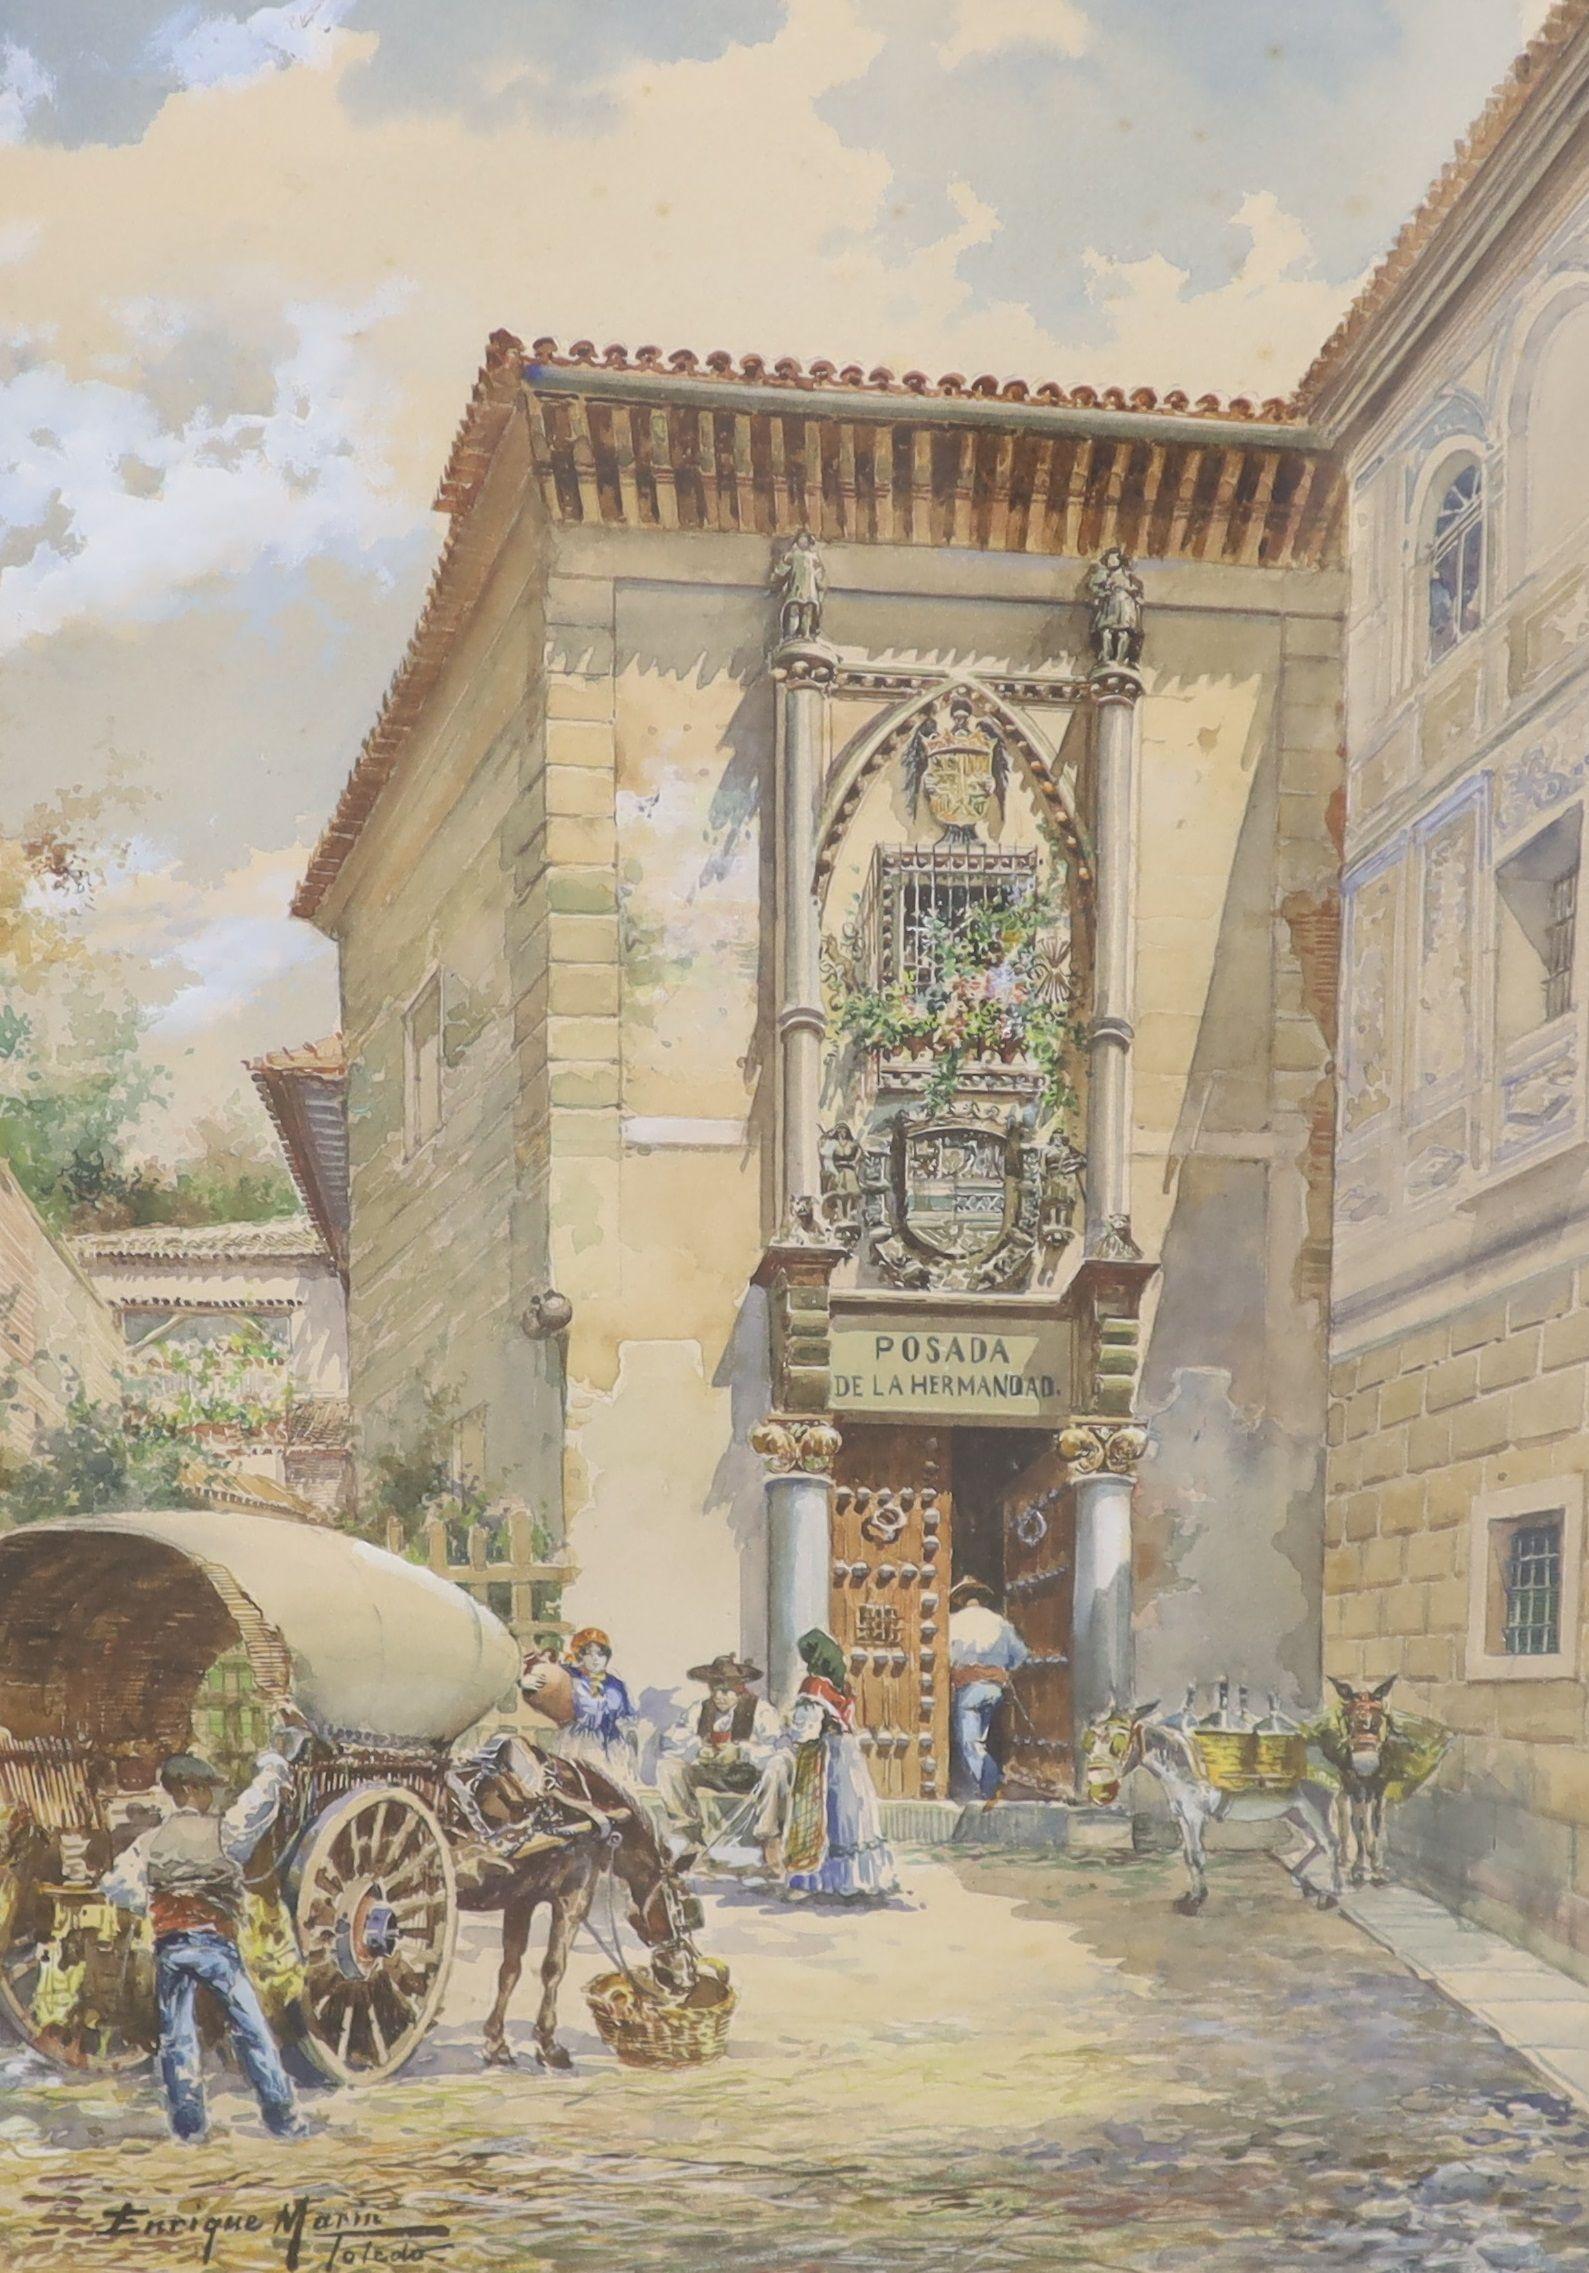 Enrique Marin (1876-1940), watercolour, Posada de la Hermandad, Toledo, Spain, signed, 46 x 30cm